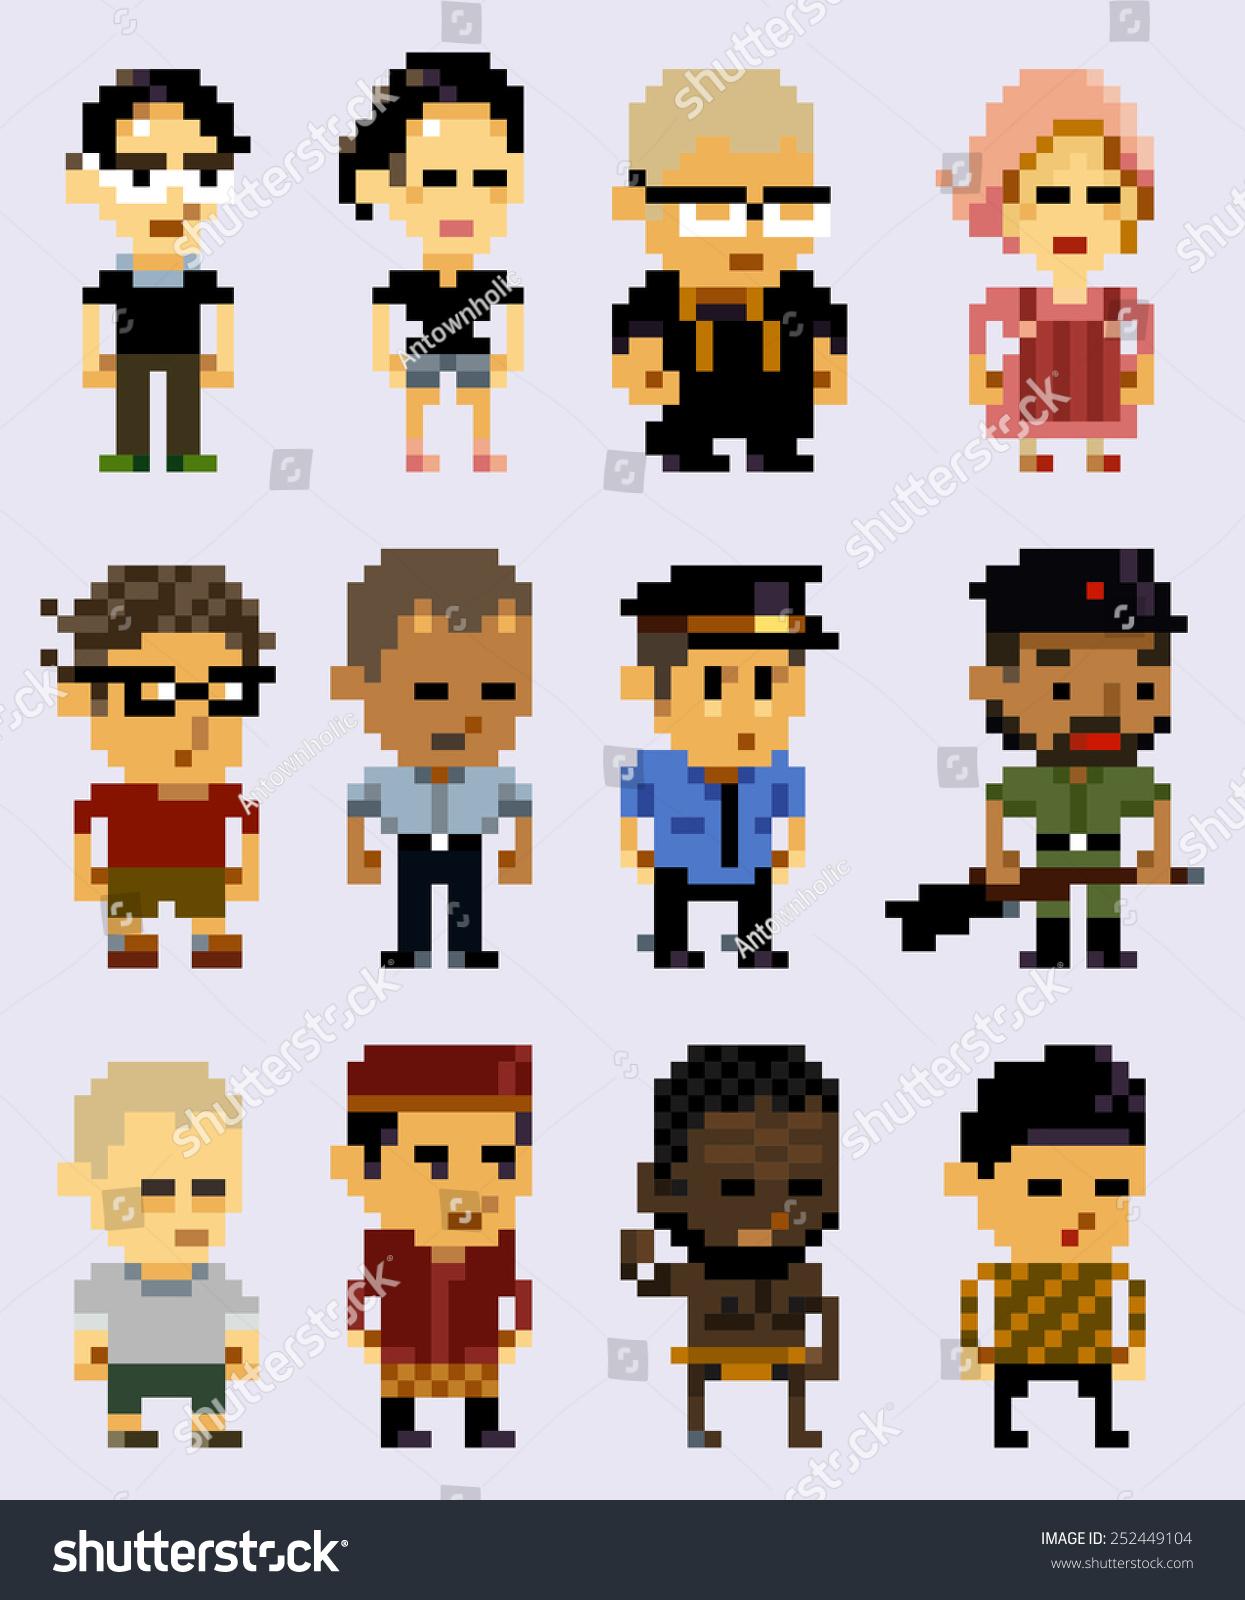 Pixel Character Design Tutorial : Pixel art character design stock vector